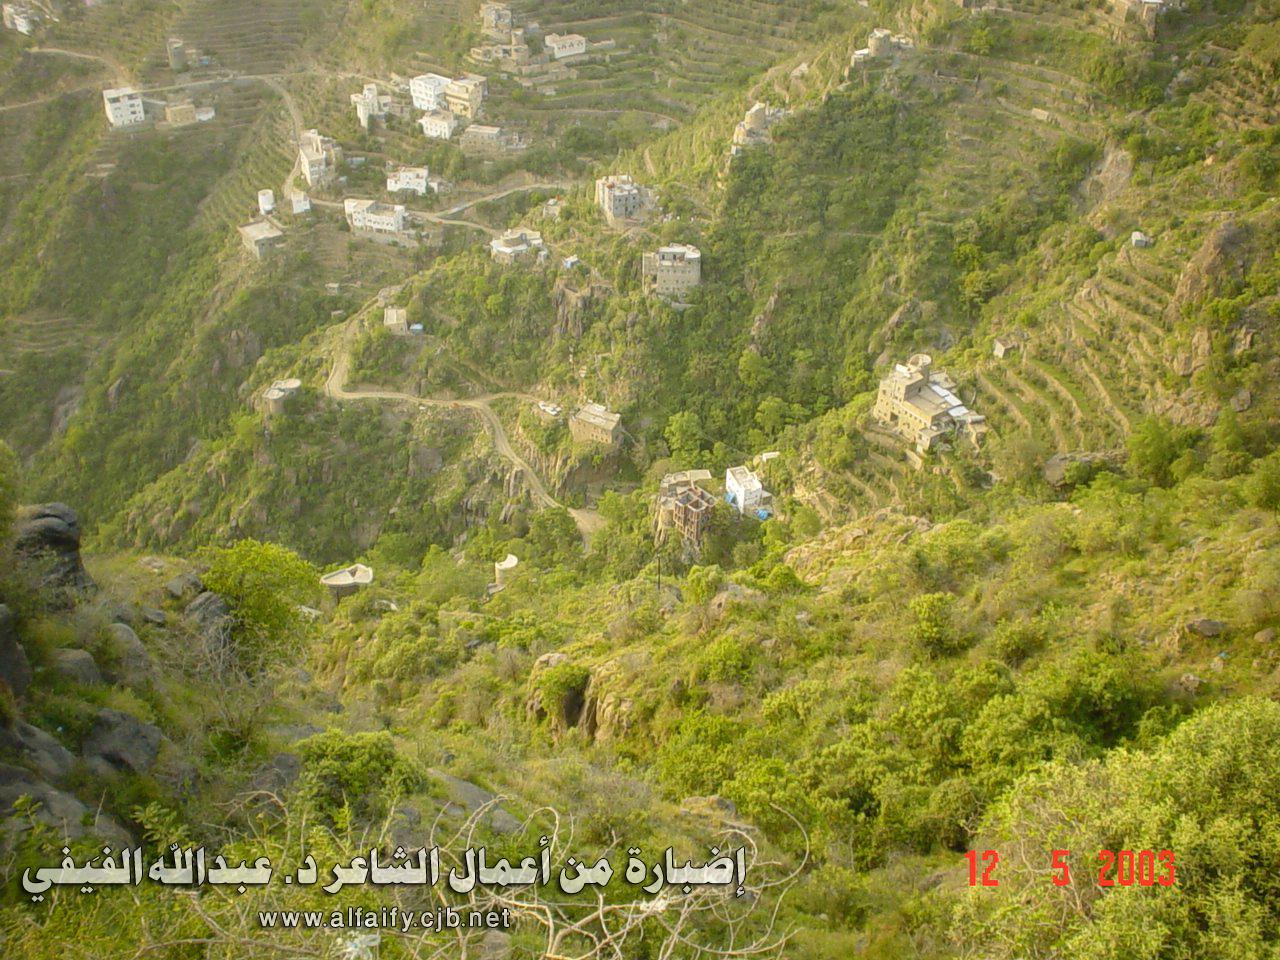 رحله سياحيه في فيــــــــــــفـاء 7